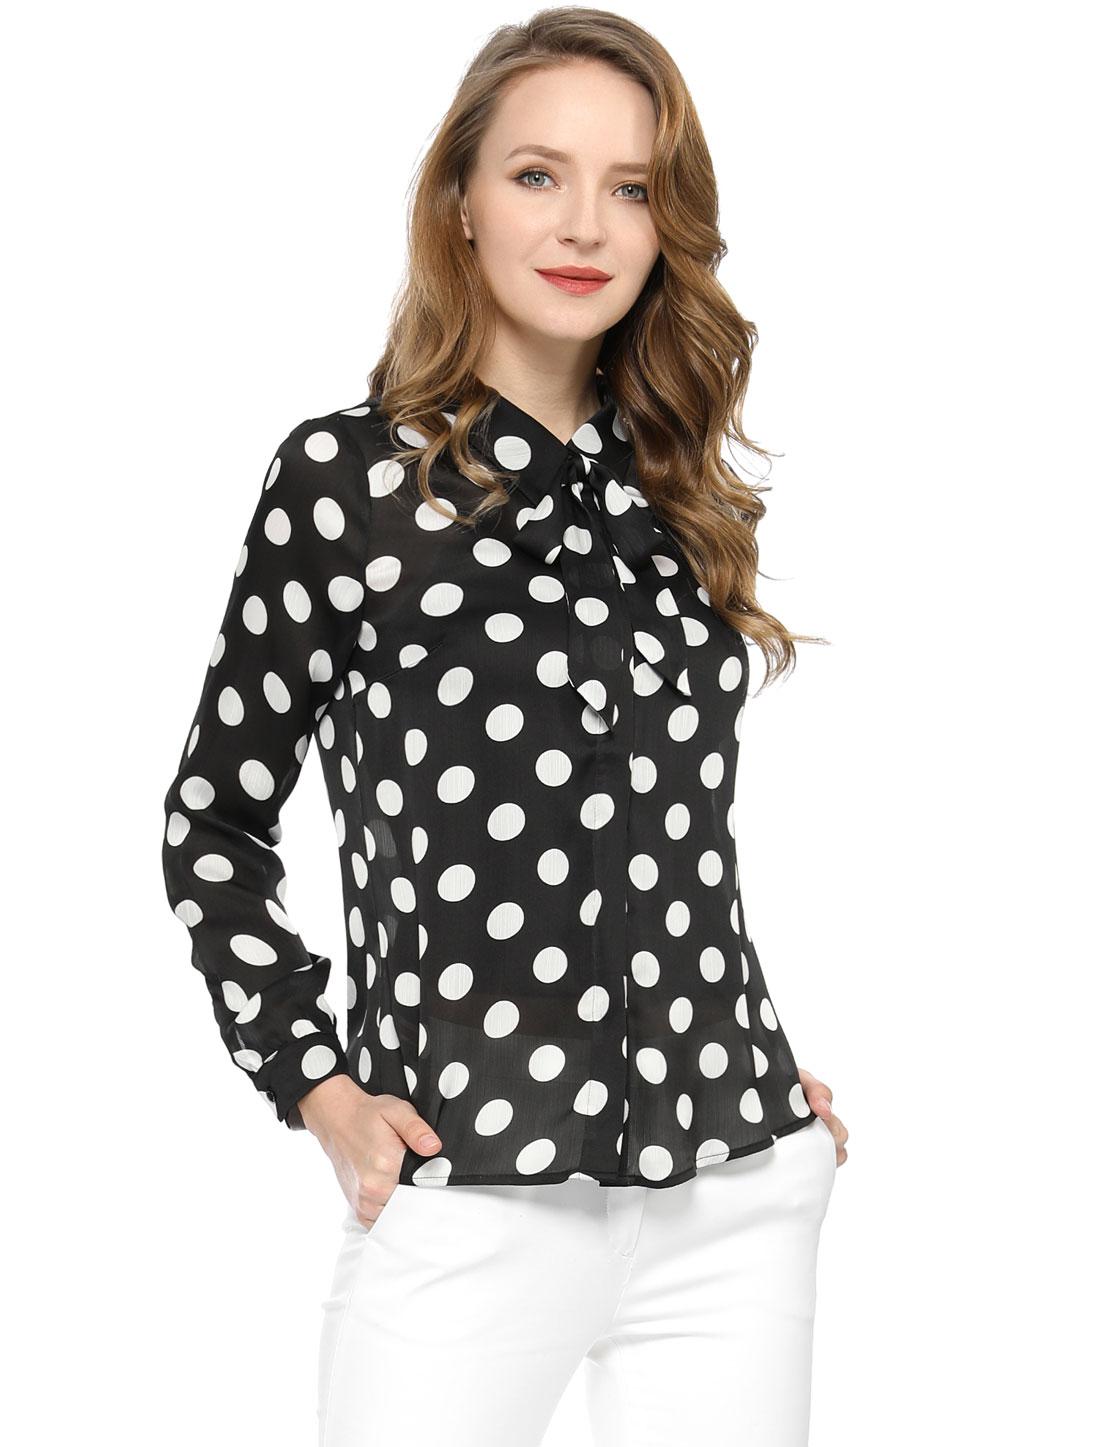 Allegra K Women's Tie Neck Blouse Button Down Polka Dot Shirt Black L